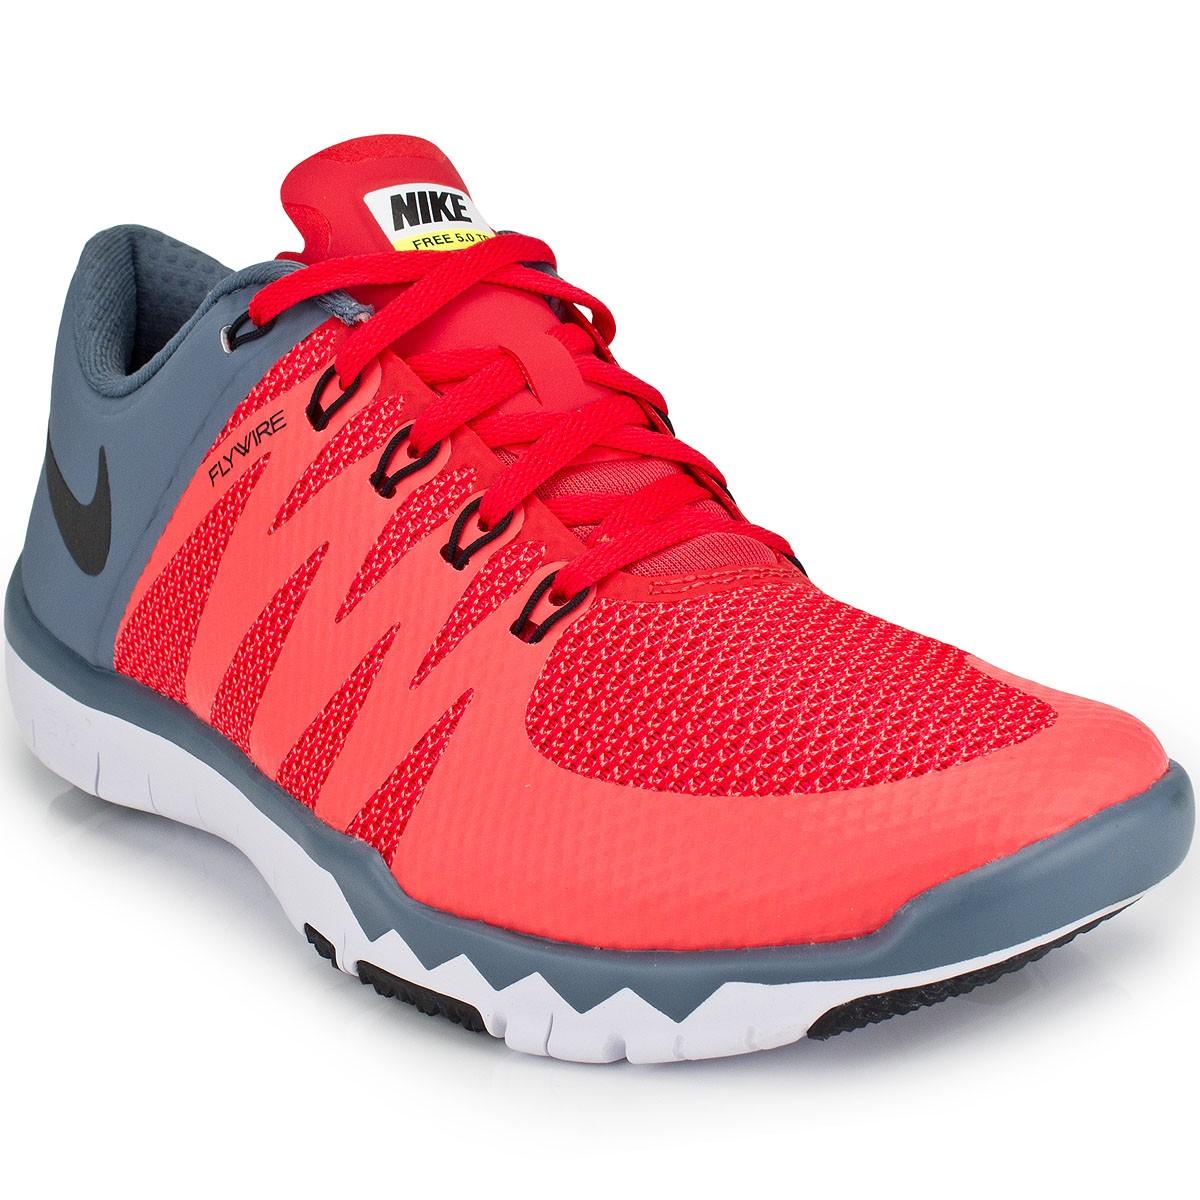 03367862198 Tênis Nike Free Trainer 5.0 V6 719922